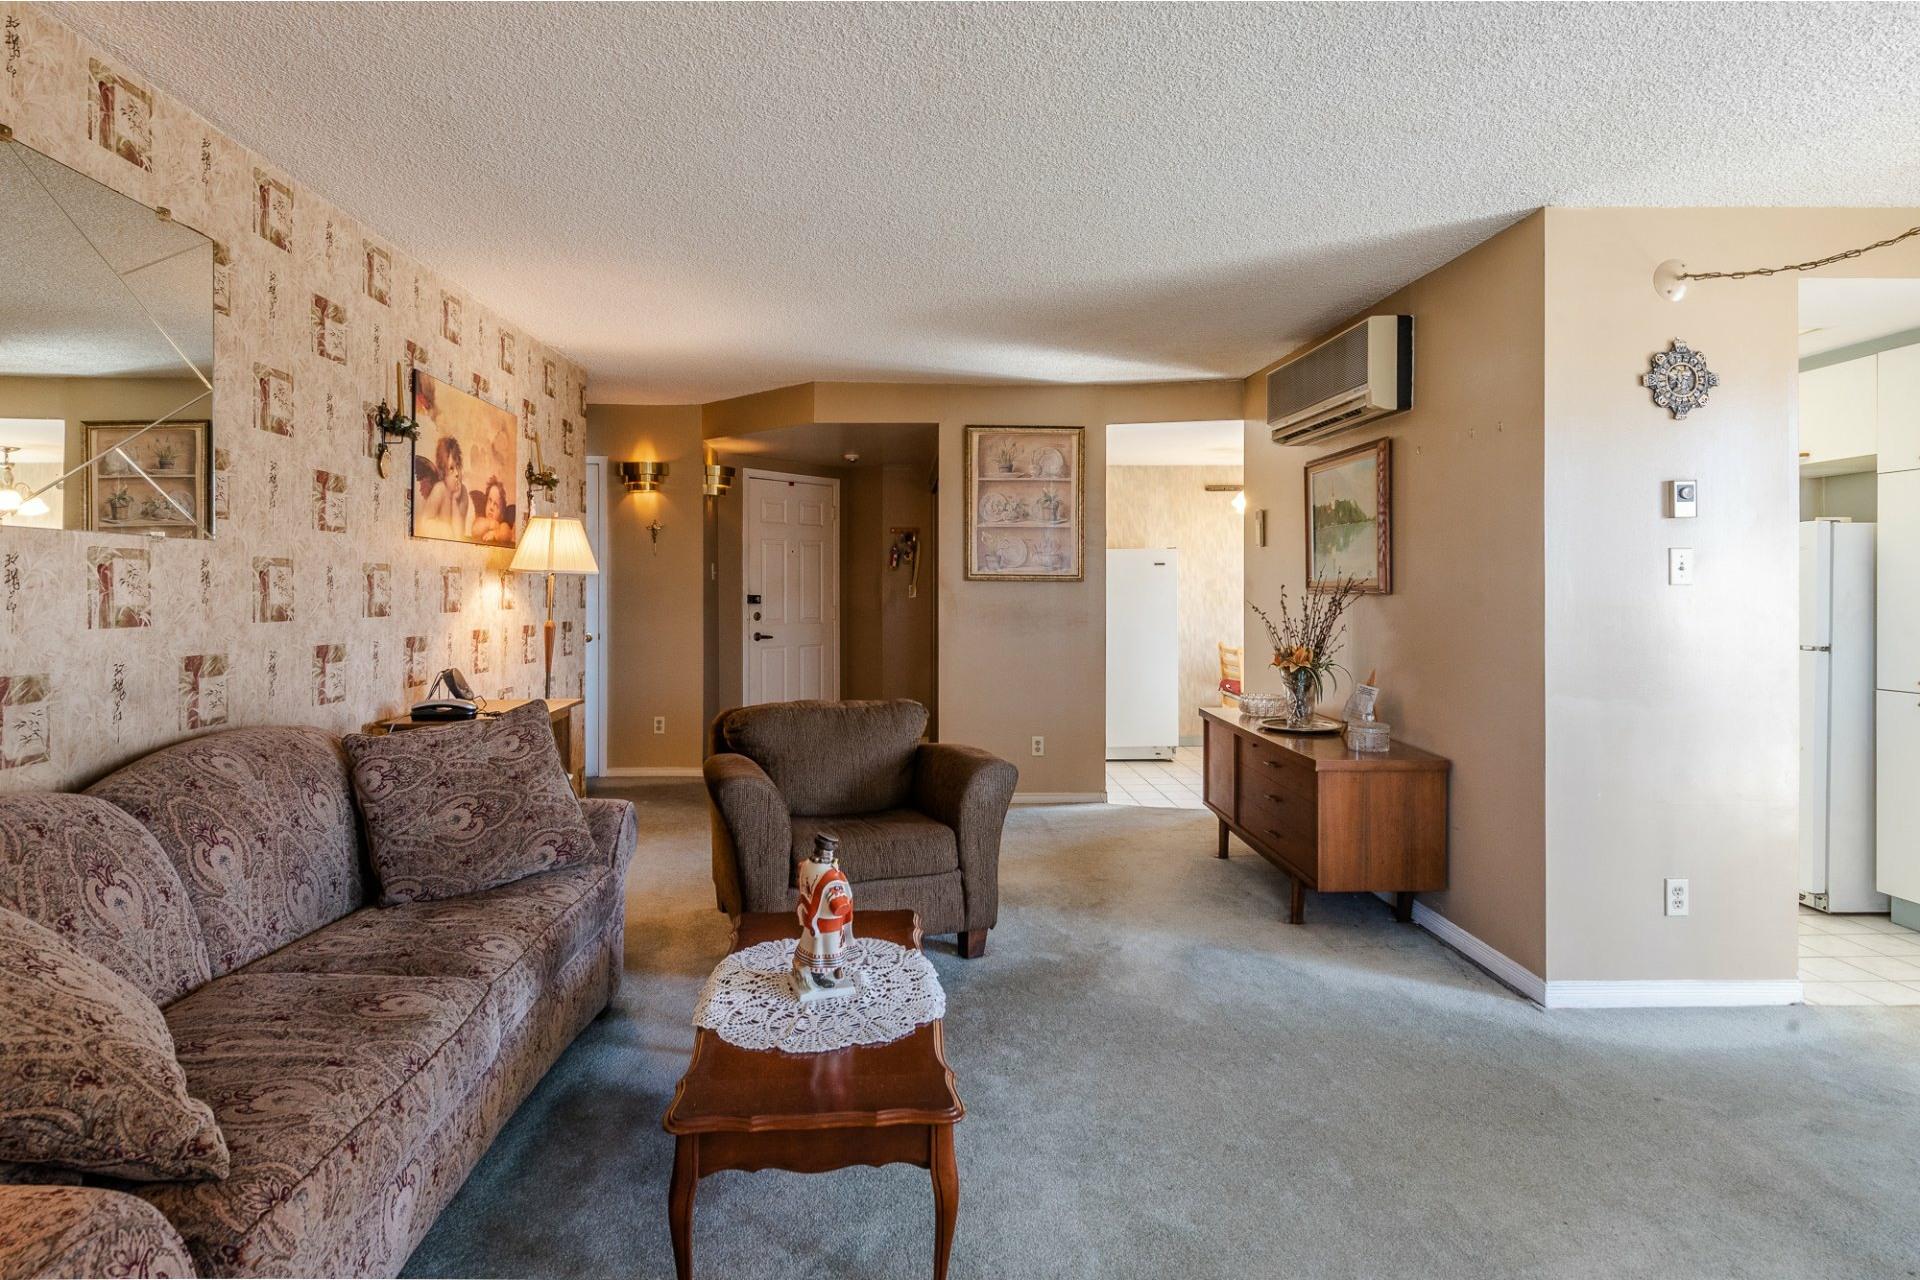 image 7 - Apartment For sale Montréal Saint-Laurent  - 5 rooms